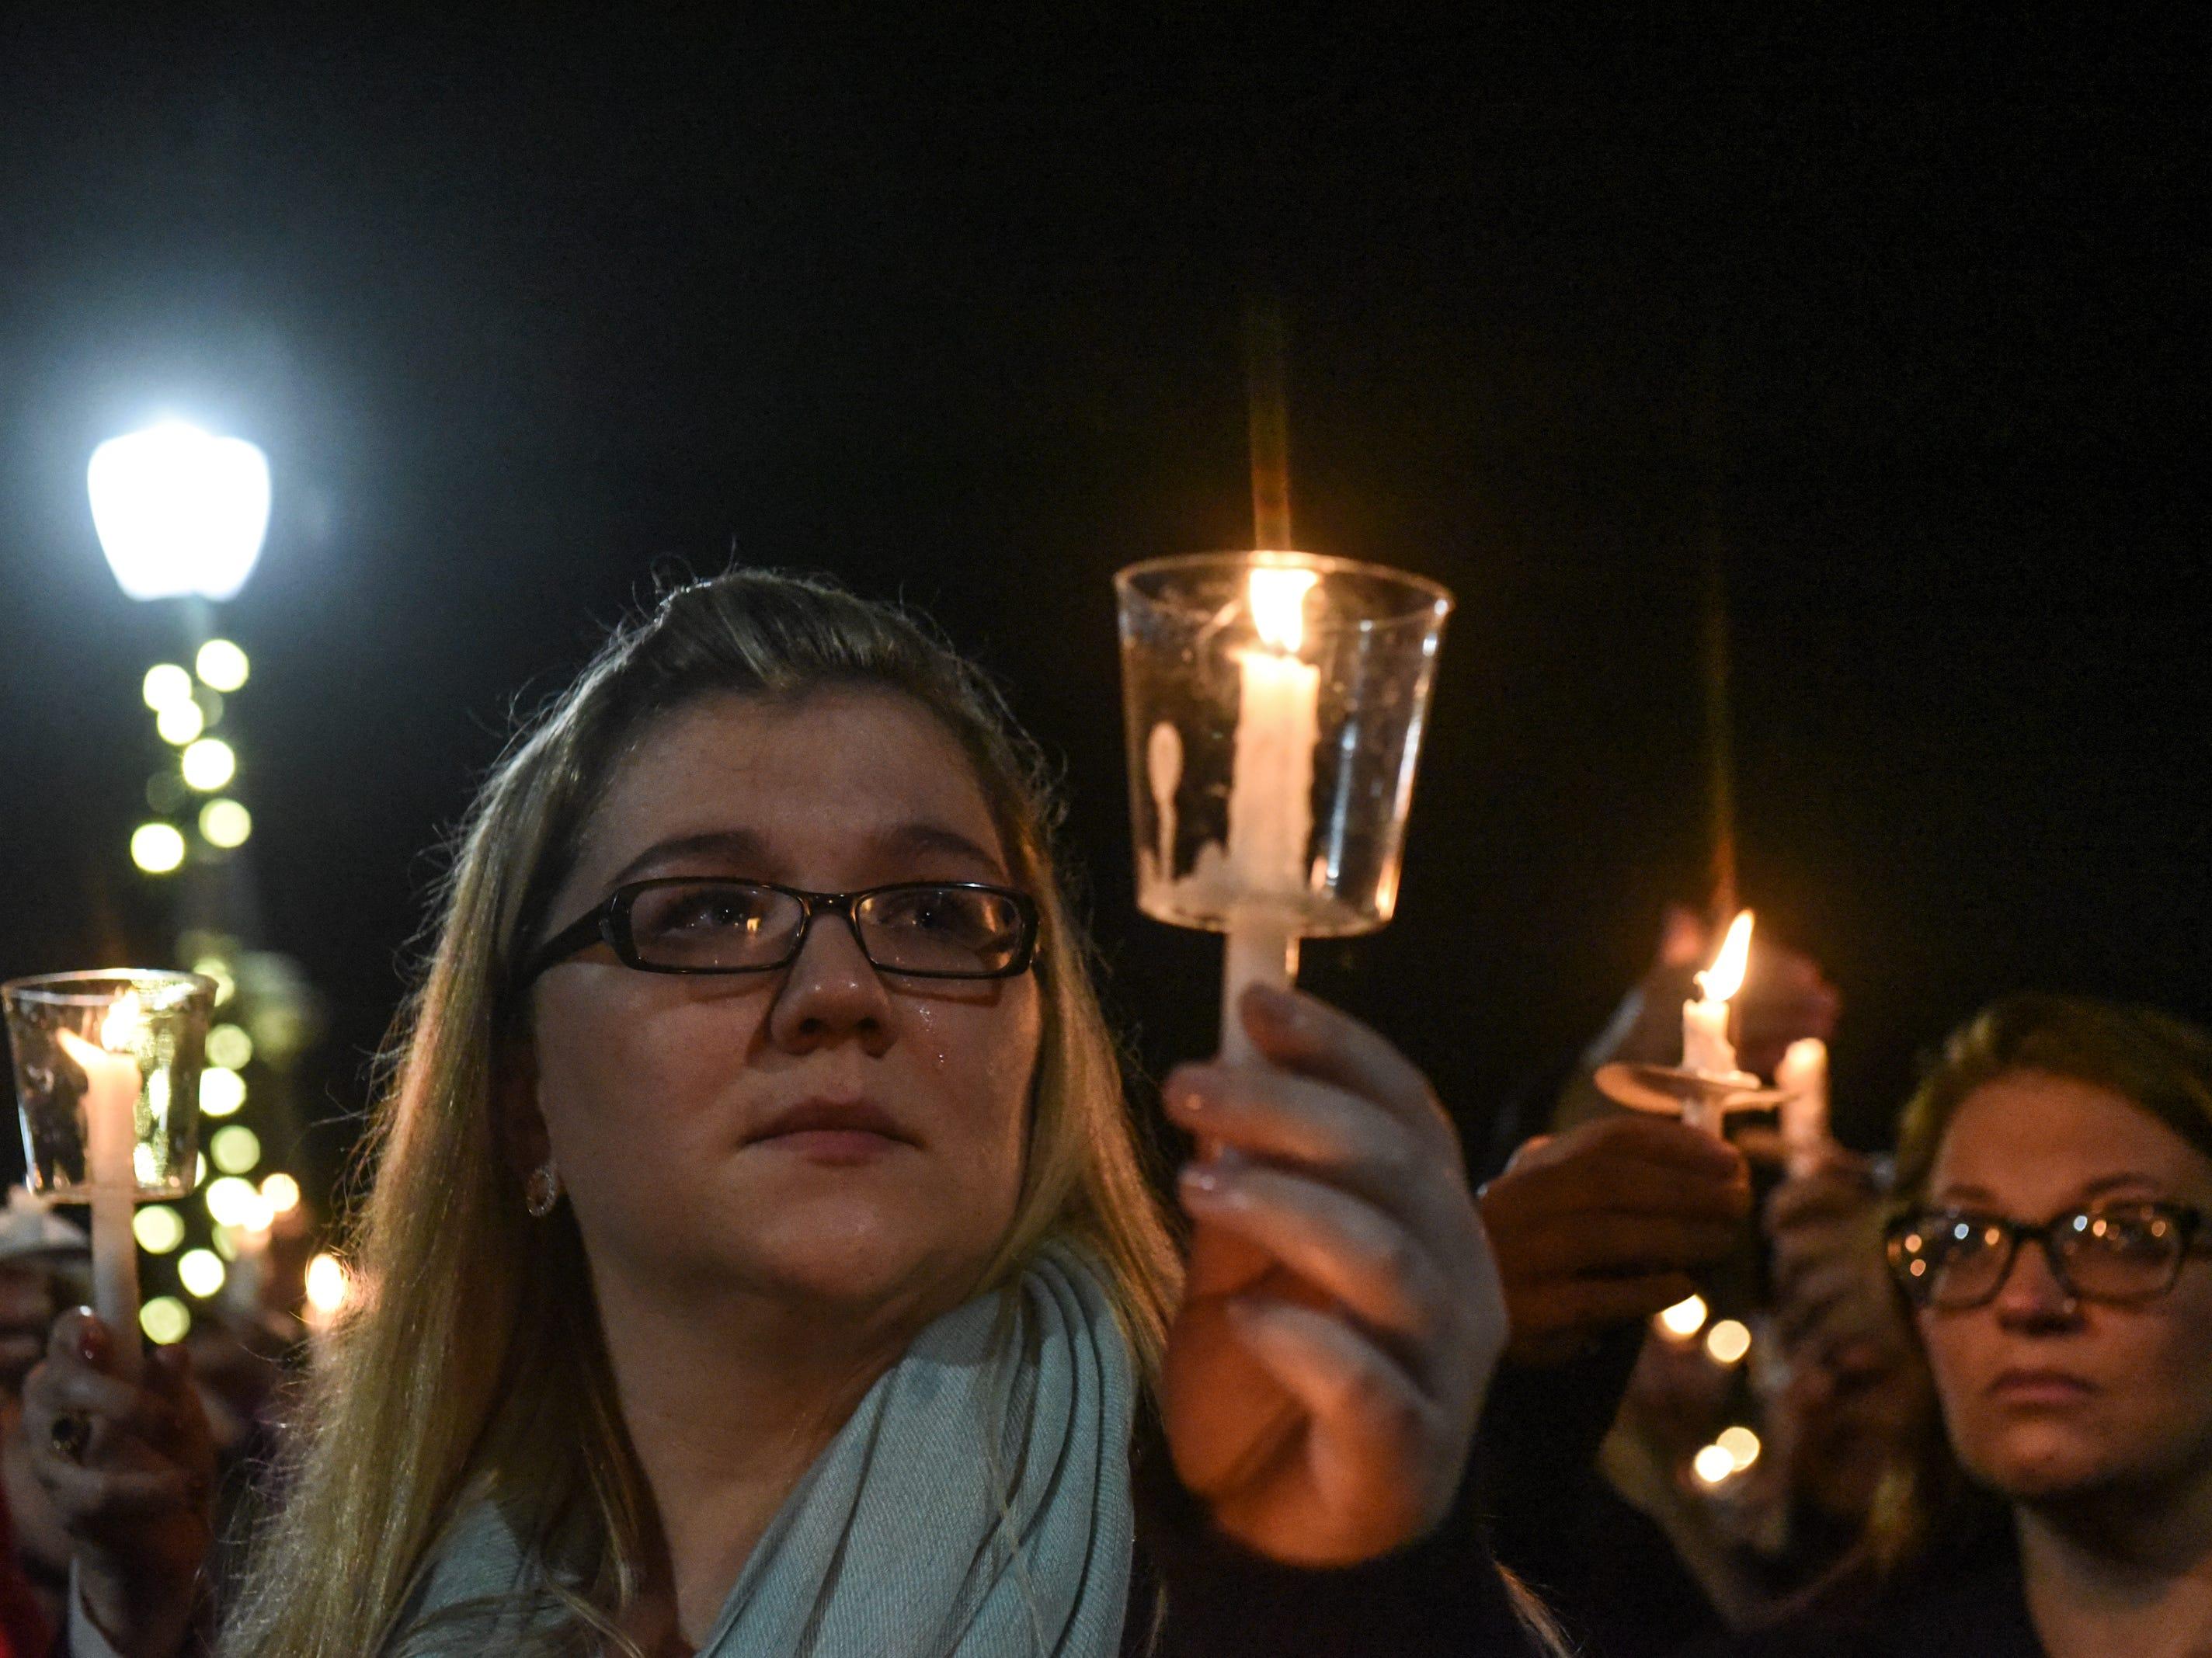 Los afligidos asisten a una vigilia con velas para las víctimas del fatal accidente de limusina el 8 de octubre de 2018 en Amsterdam, Nueva York. 20 personas murieron en el accidente, incluido el conductor de la limusina, 17 pasajeros y dos peatones.